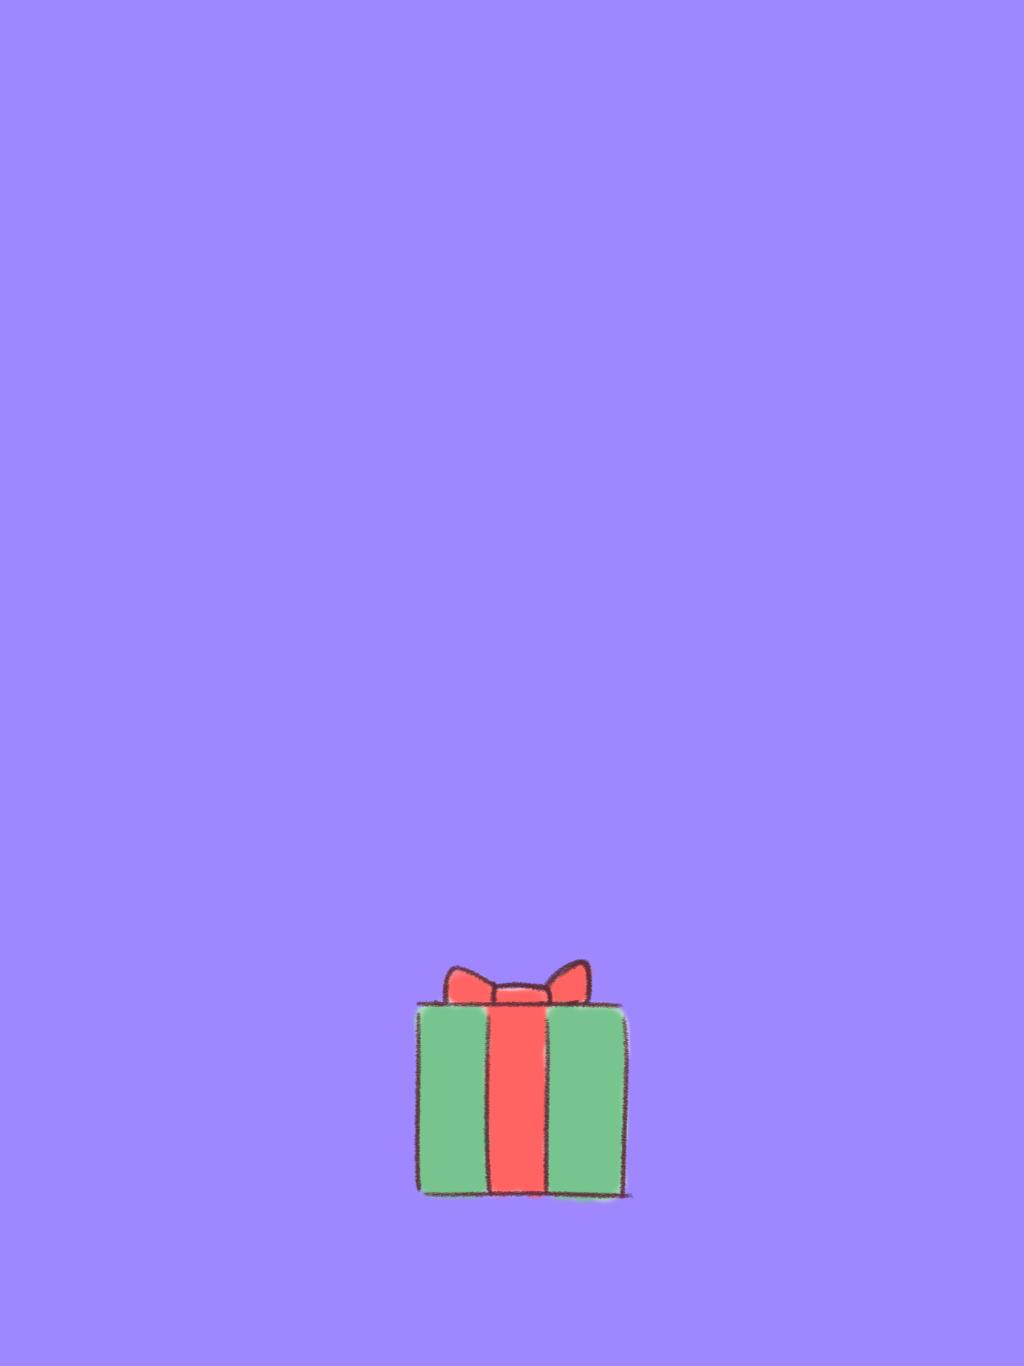 พักเบรค - The box series